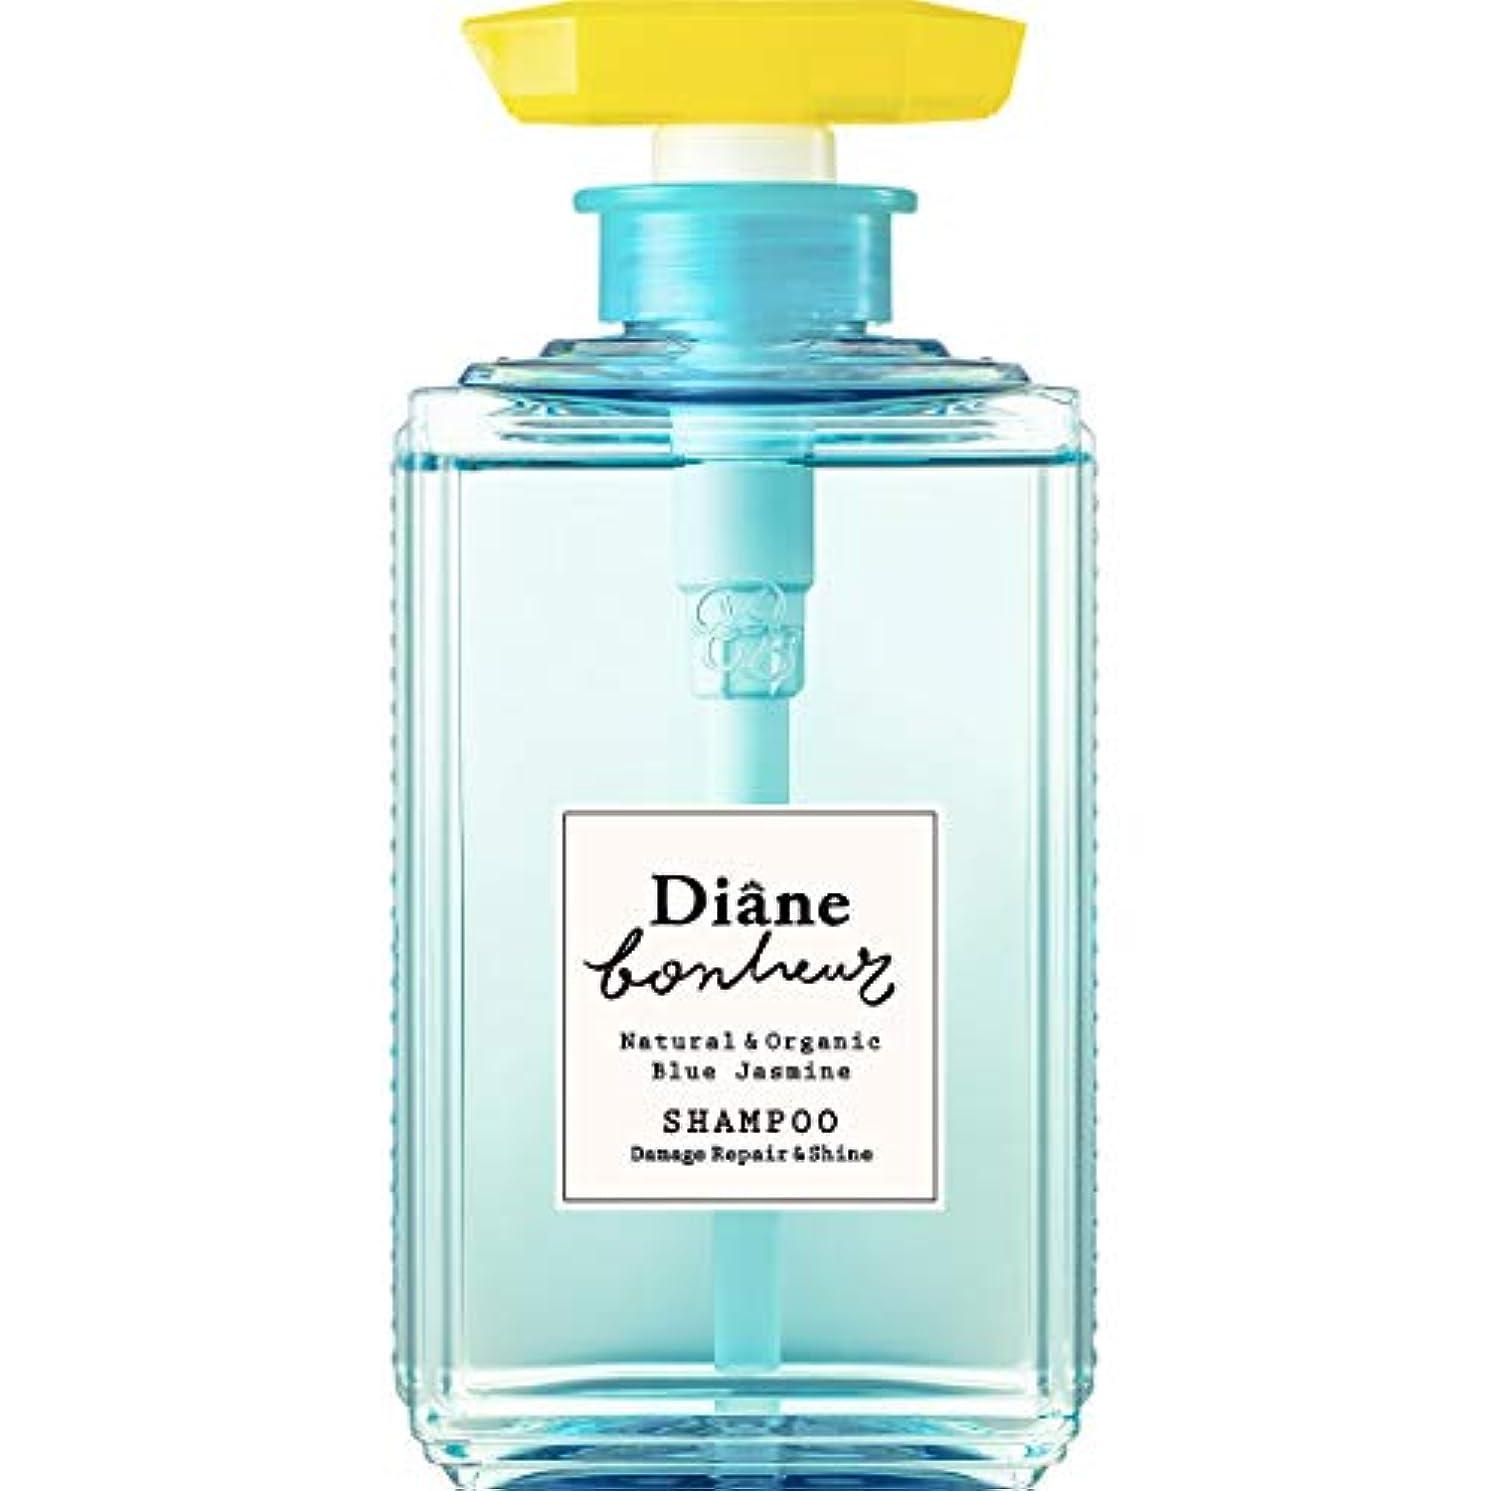 オフ元気裁量ダイアン ボヌール シャンプー ブルージャスミンの香り ダメージリペア&シャイン 500ml